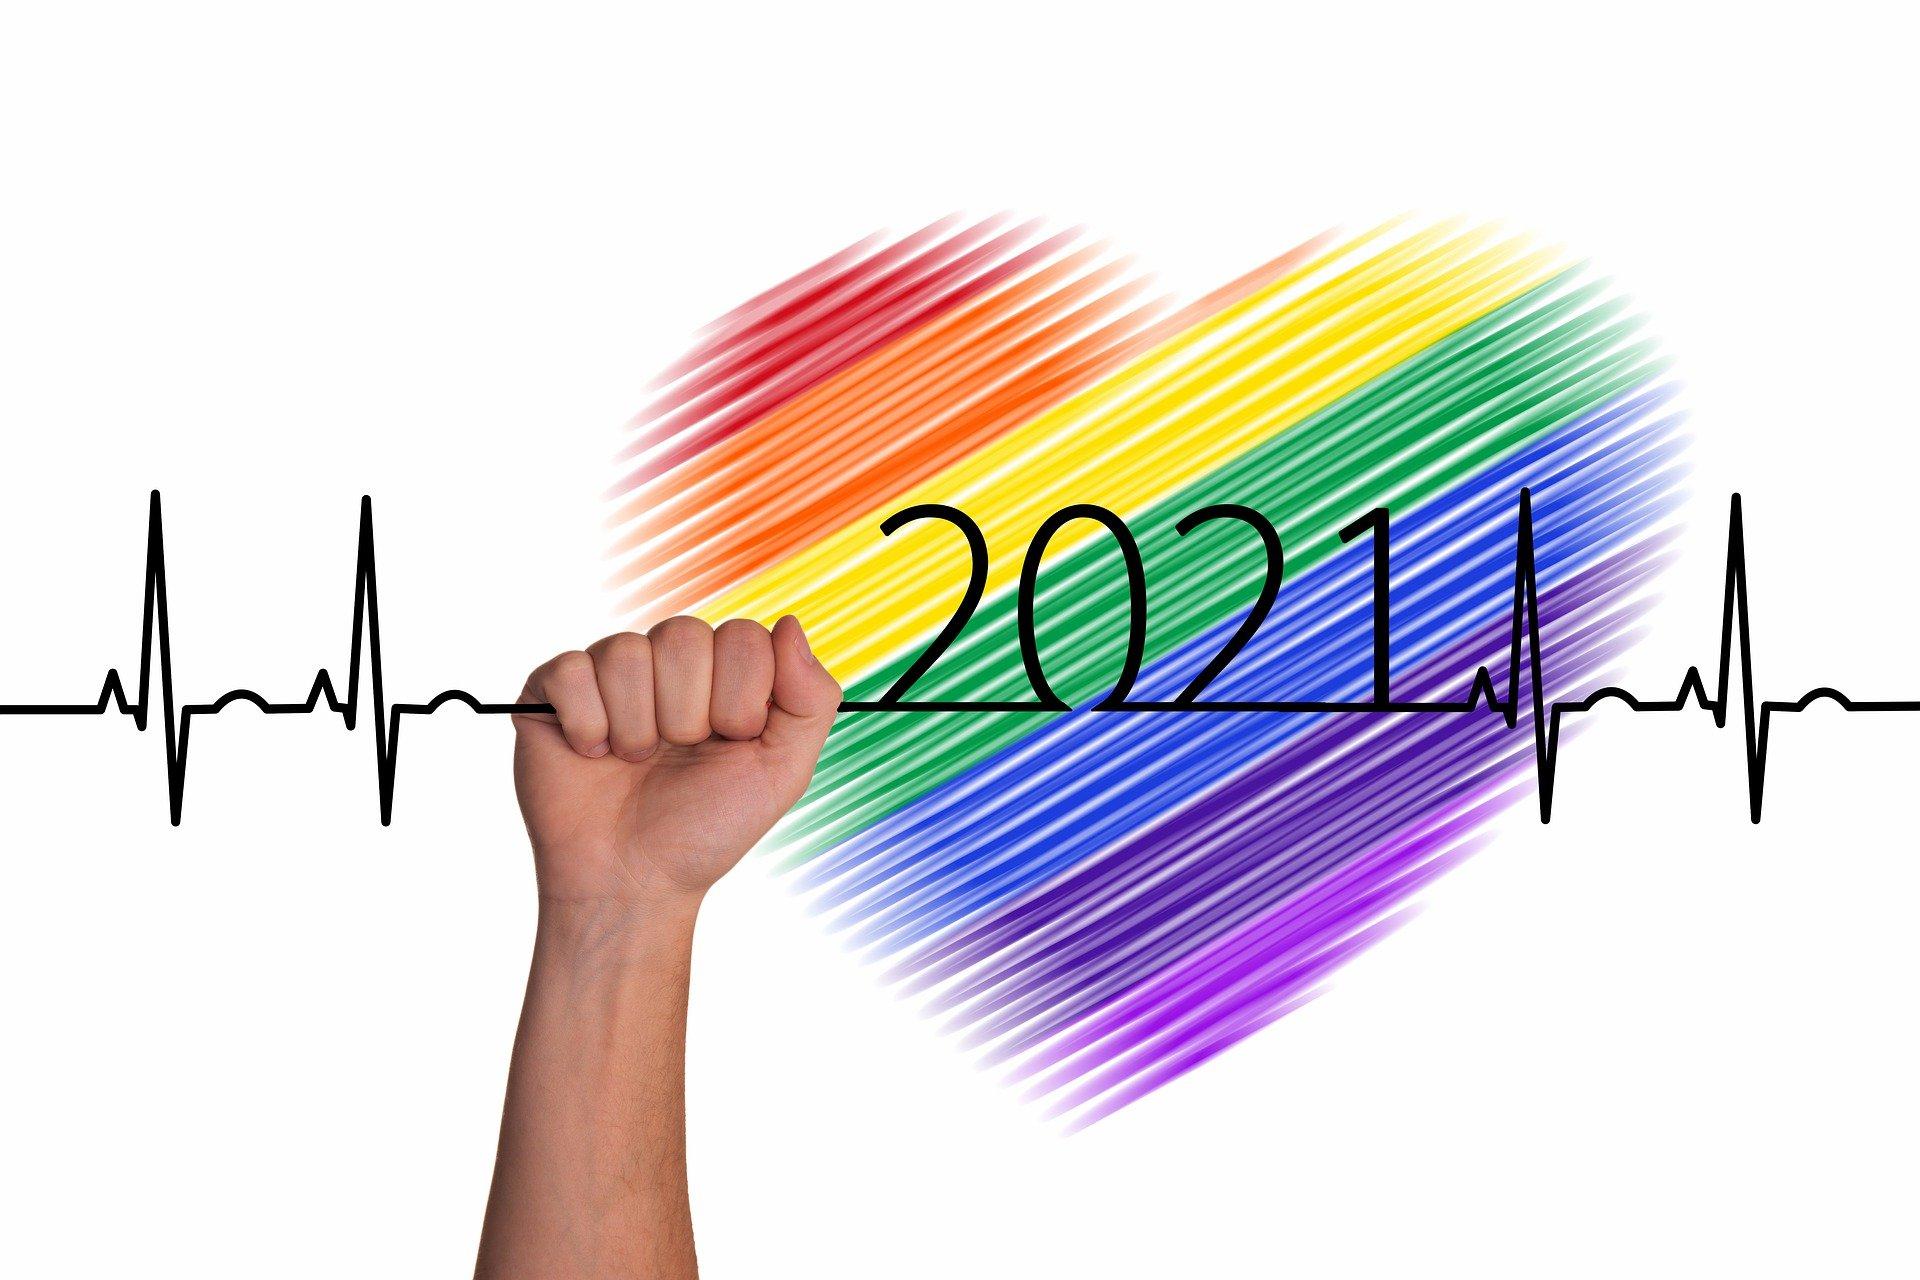 2020 s'achève pour laisser la place à 2021 ! Que souhaiter pour cette nouvelle année ? Une porte de sortie en mode XXL pour la COVID 19, Une porte d'entrée pour de nouvelles habitudes de vie, Une porte de sortie pour tous les mauvais souvenirs, Une porte d'entrée pour des plaisirs et des joies simples et sincères. Plus que jamais est venu le temps de profiter de chaque instant et de voir la beauté dans chaque chose. A tous, je vous souhaite la meilleure des années 2021 possible ! Isabella.